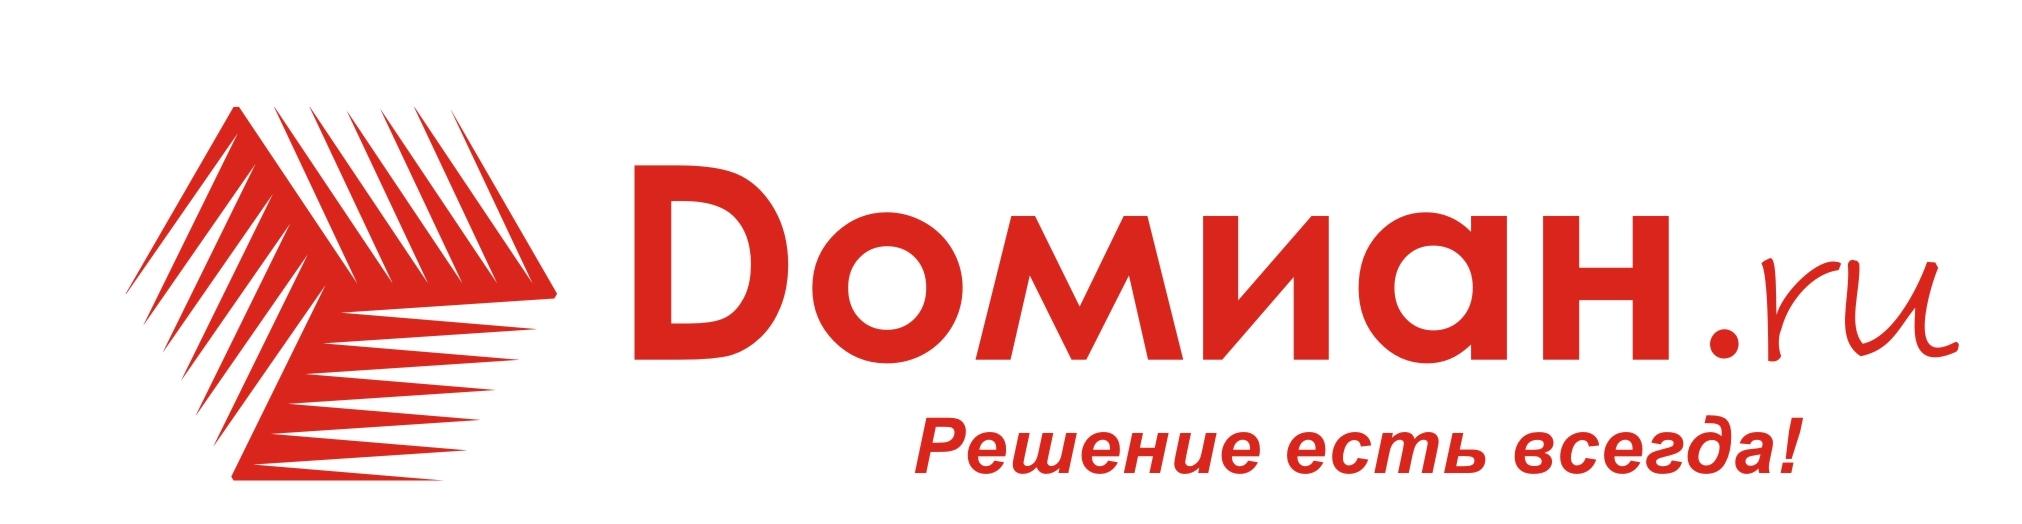 ищу работу набор текста на дому в москве